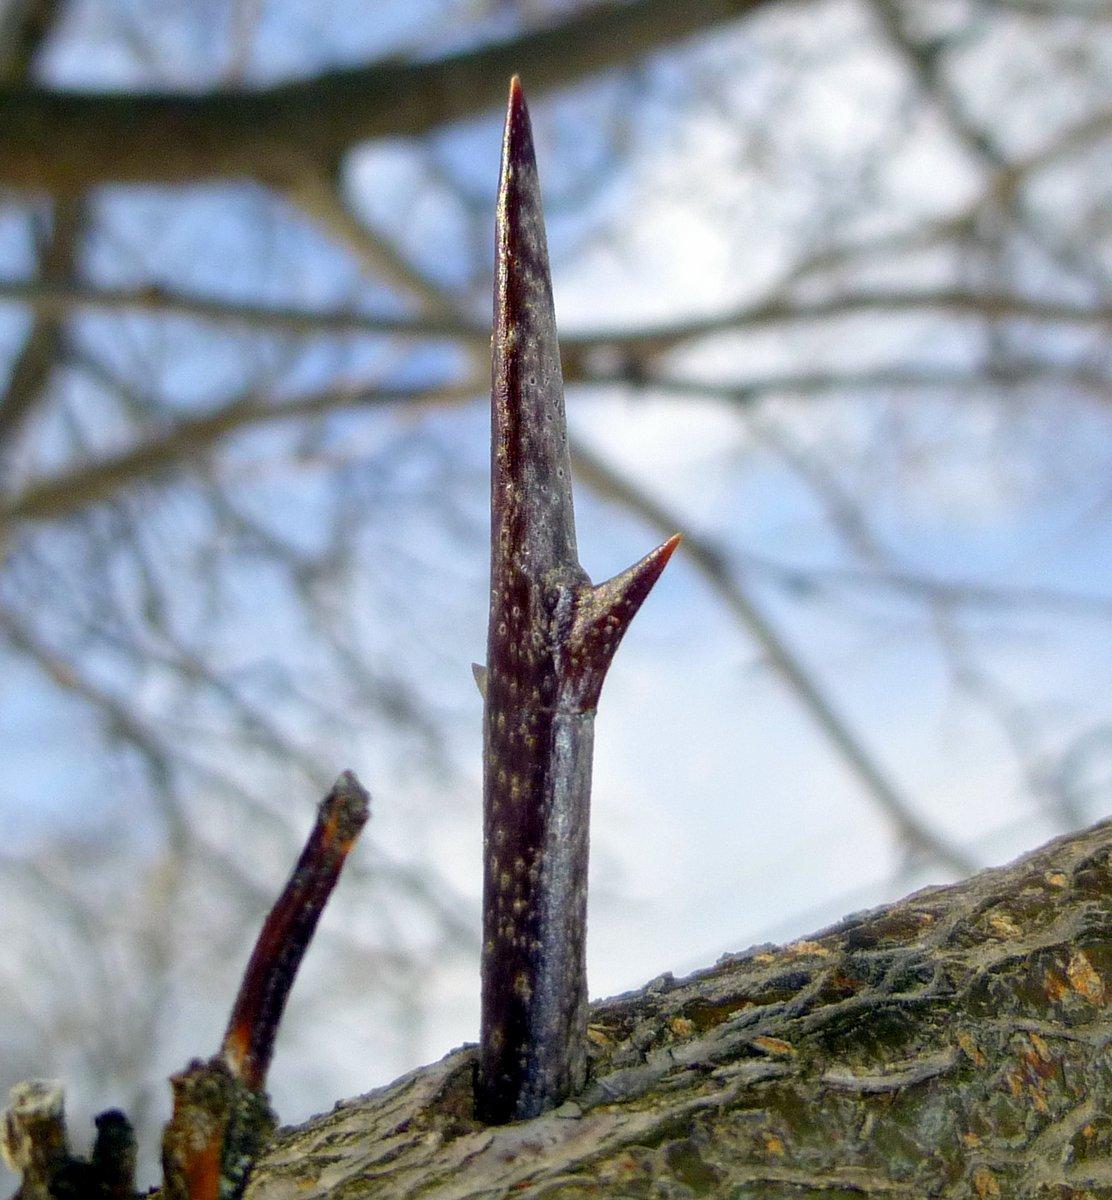 3. Honey Locust Thorn